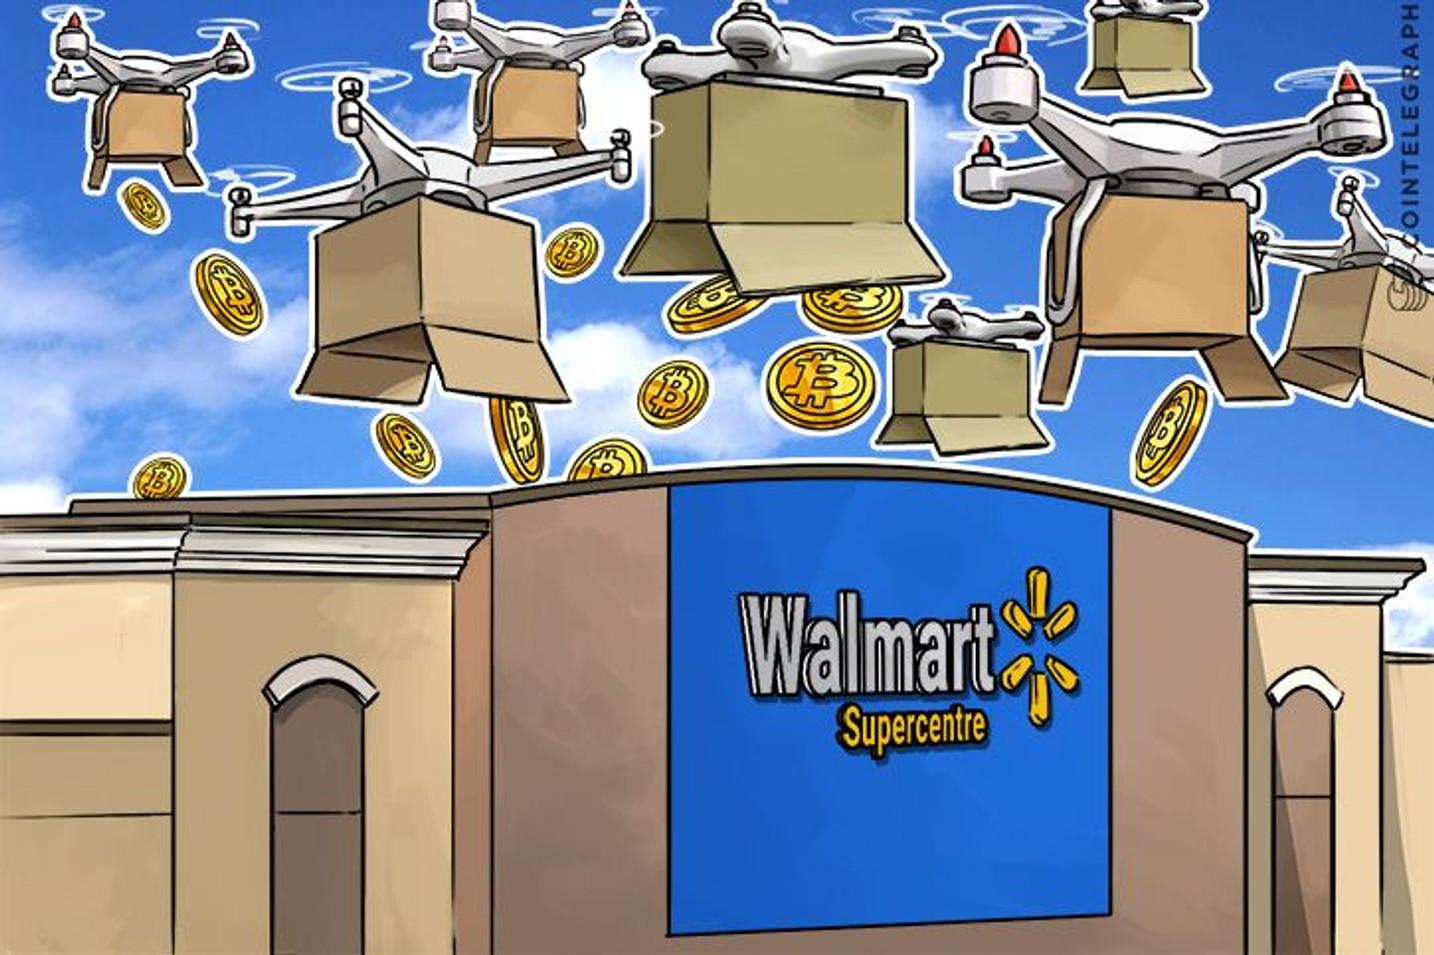 ウォルマートがブロックチェーン技術とドローンを組み合わせた荷物追跡システムに関する特許を出願